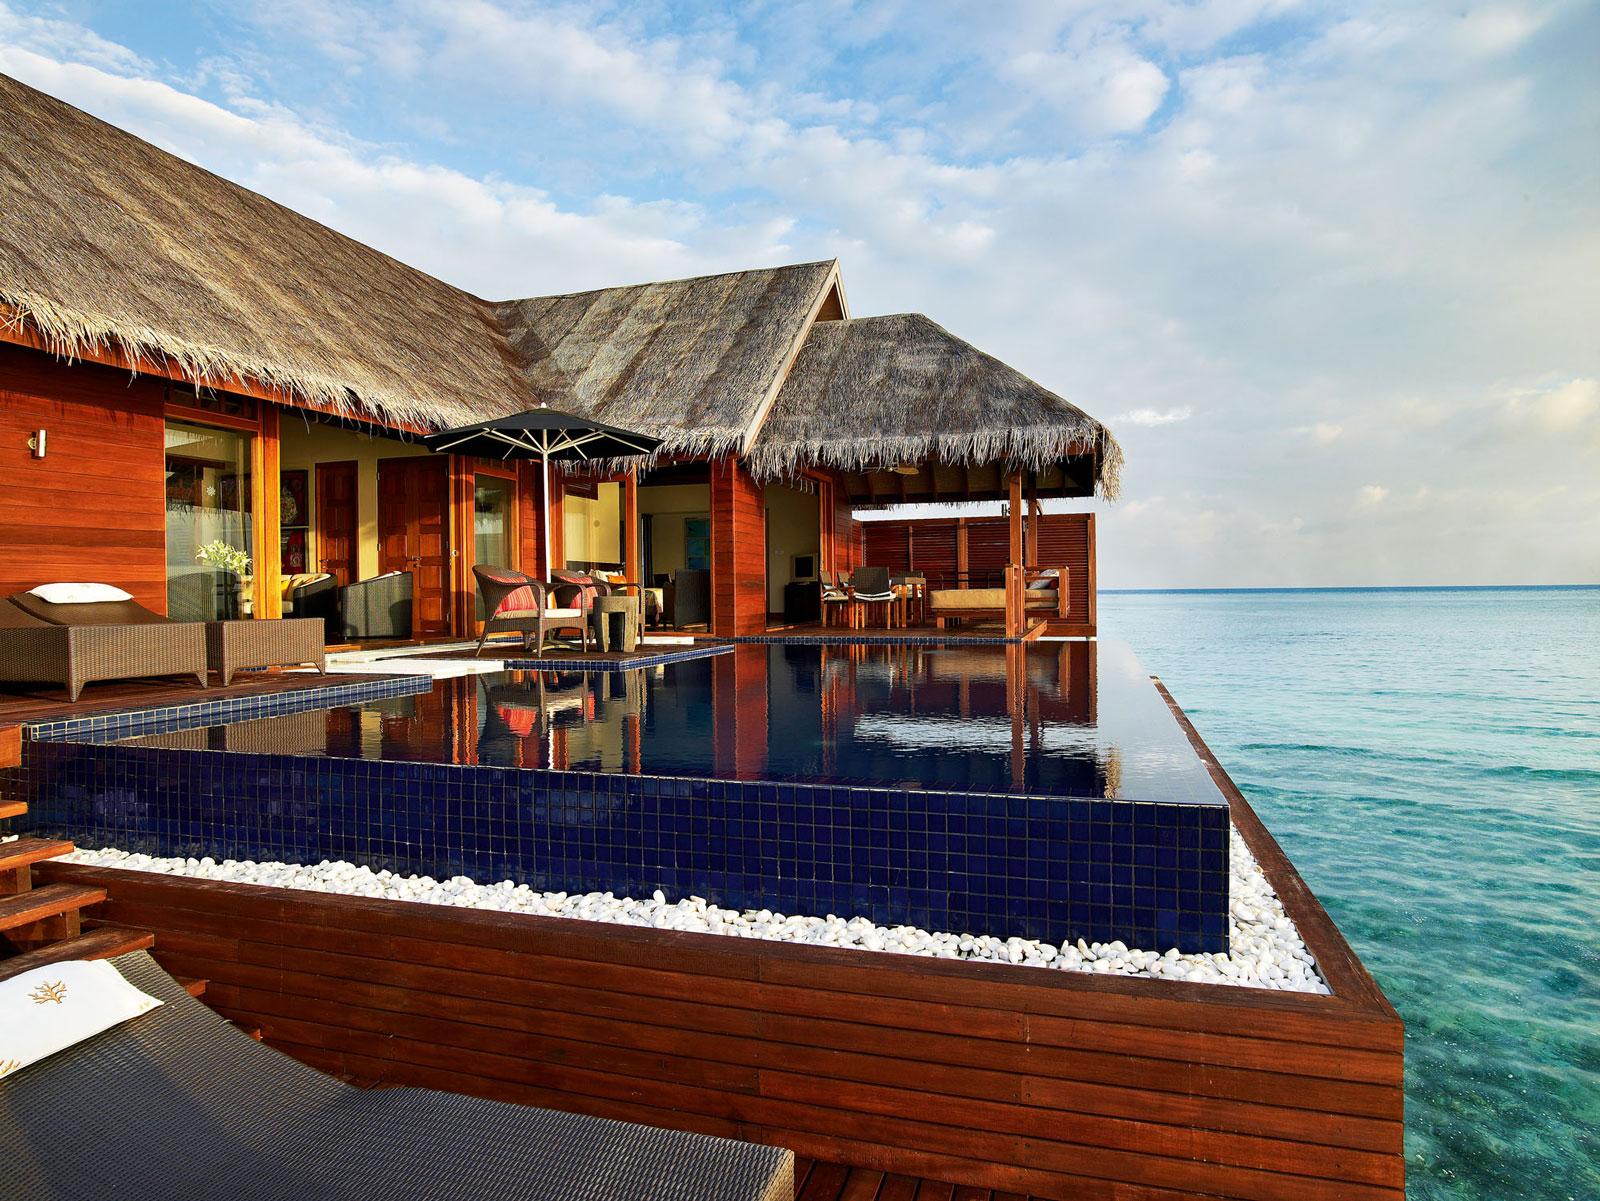 LUX-Maldives-14